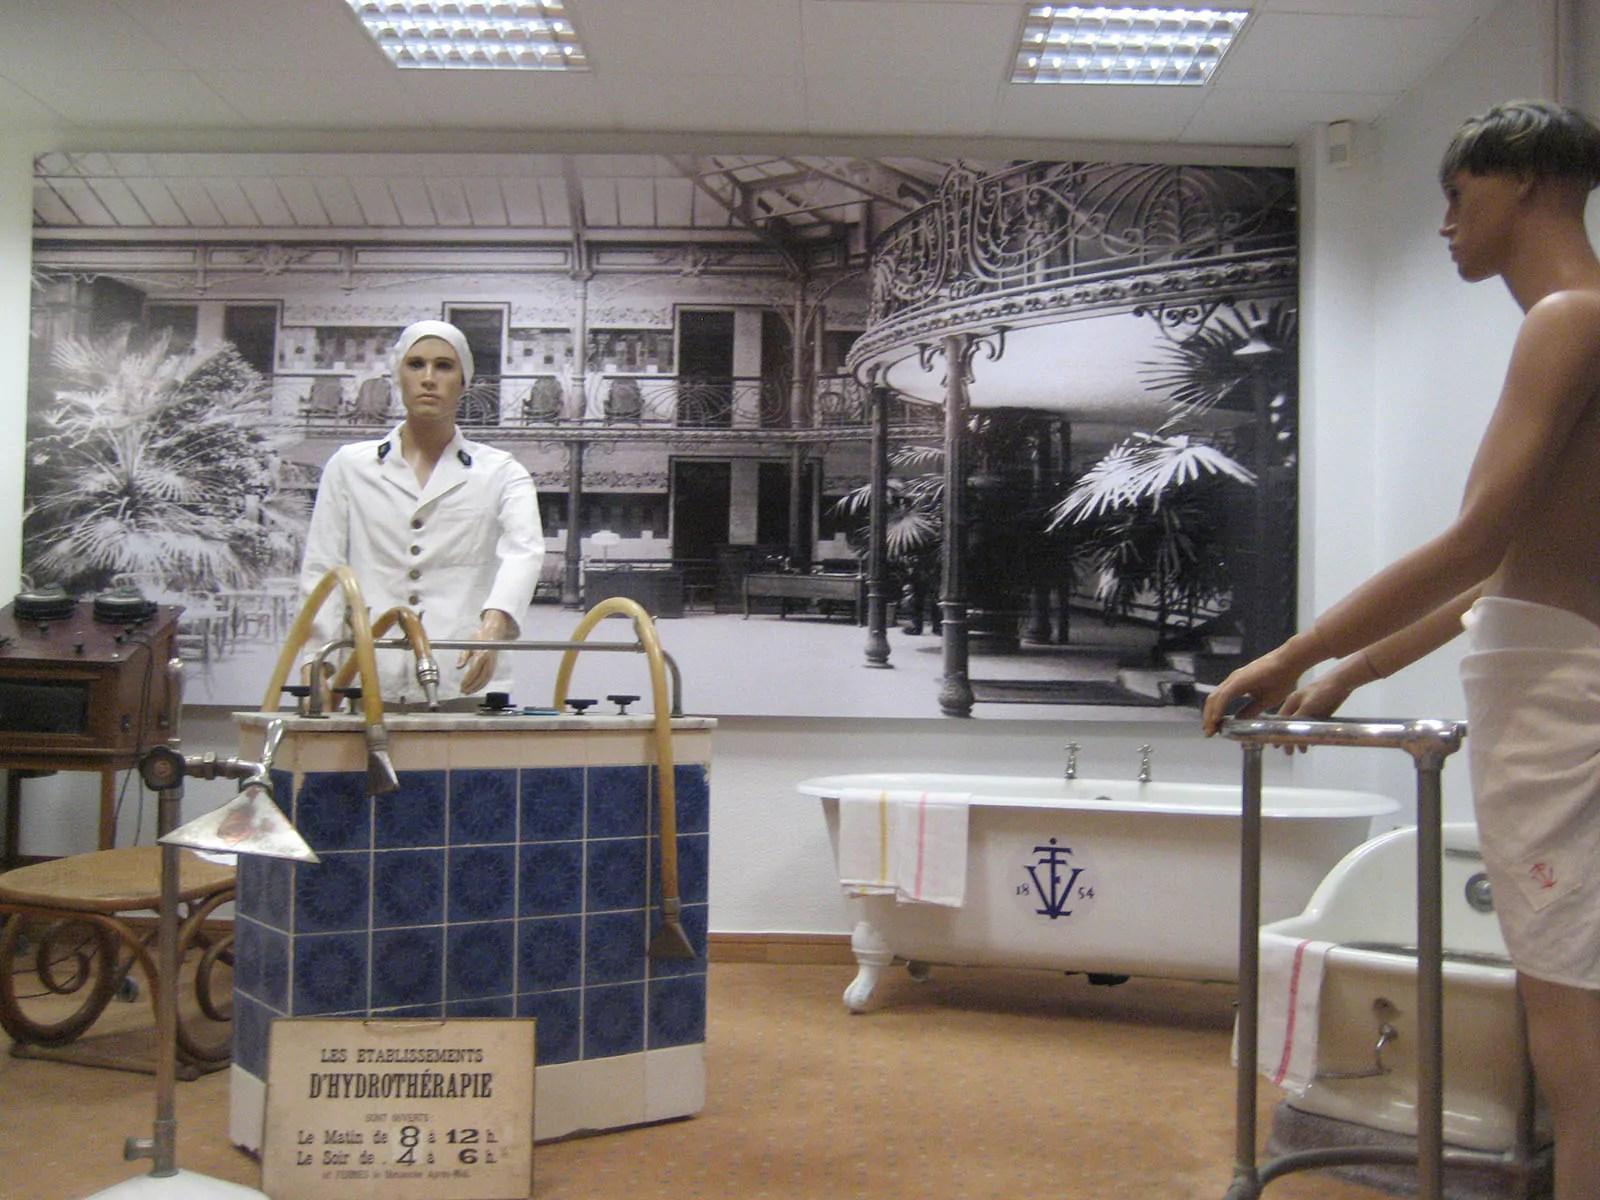 Vittel-Musée-du-patrimoine-et-du-thermalisme-@-Maison-du-Patrimoine